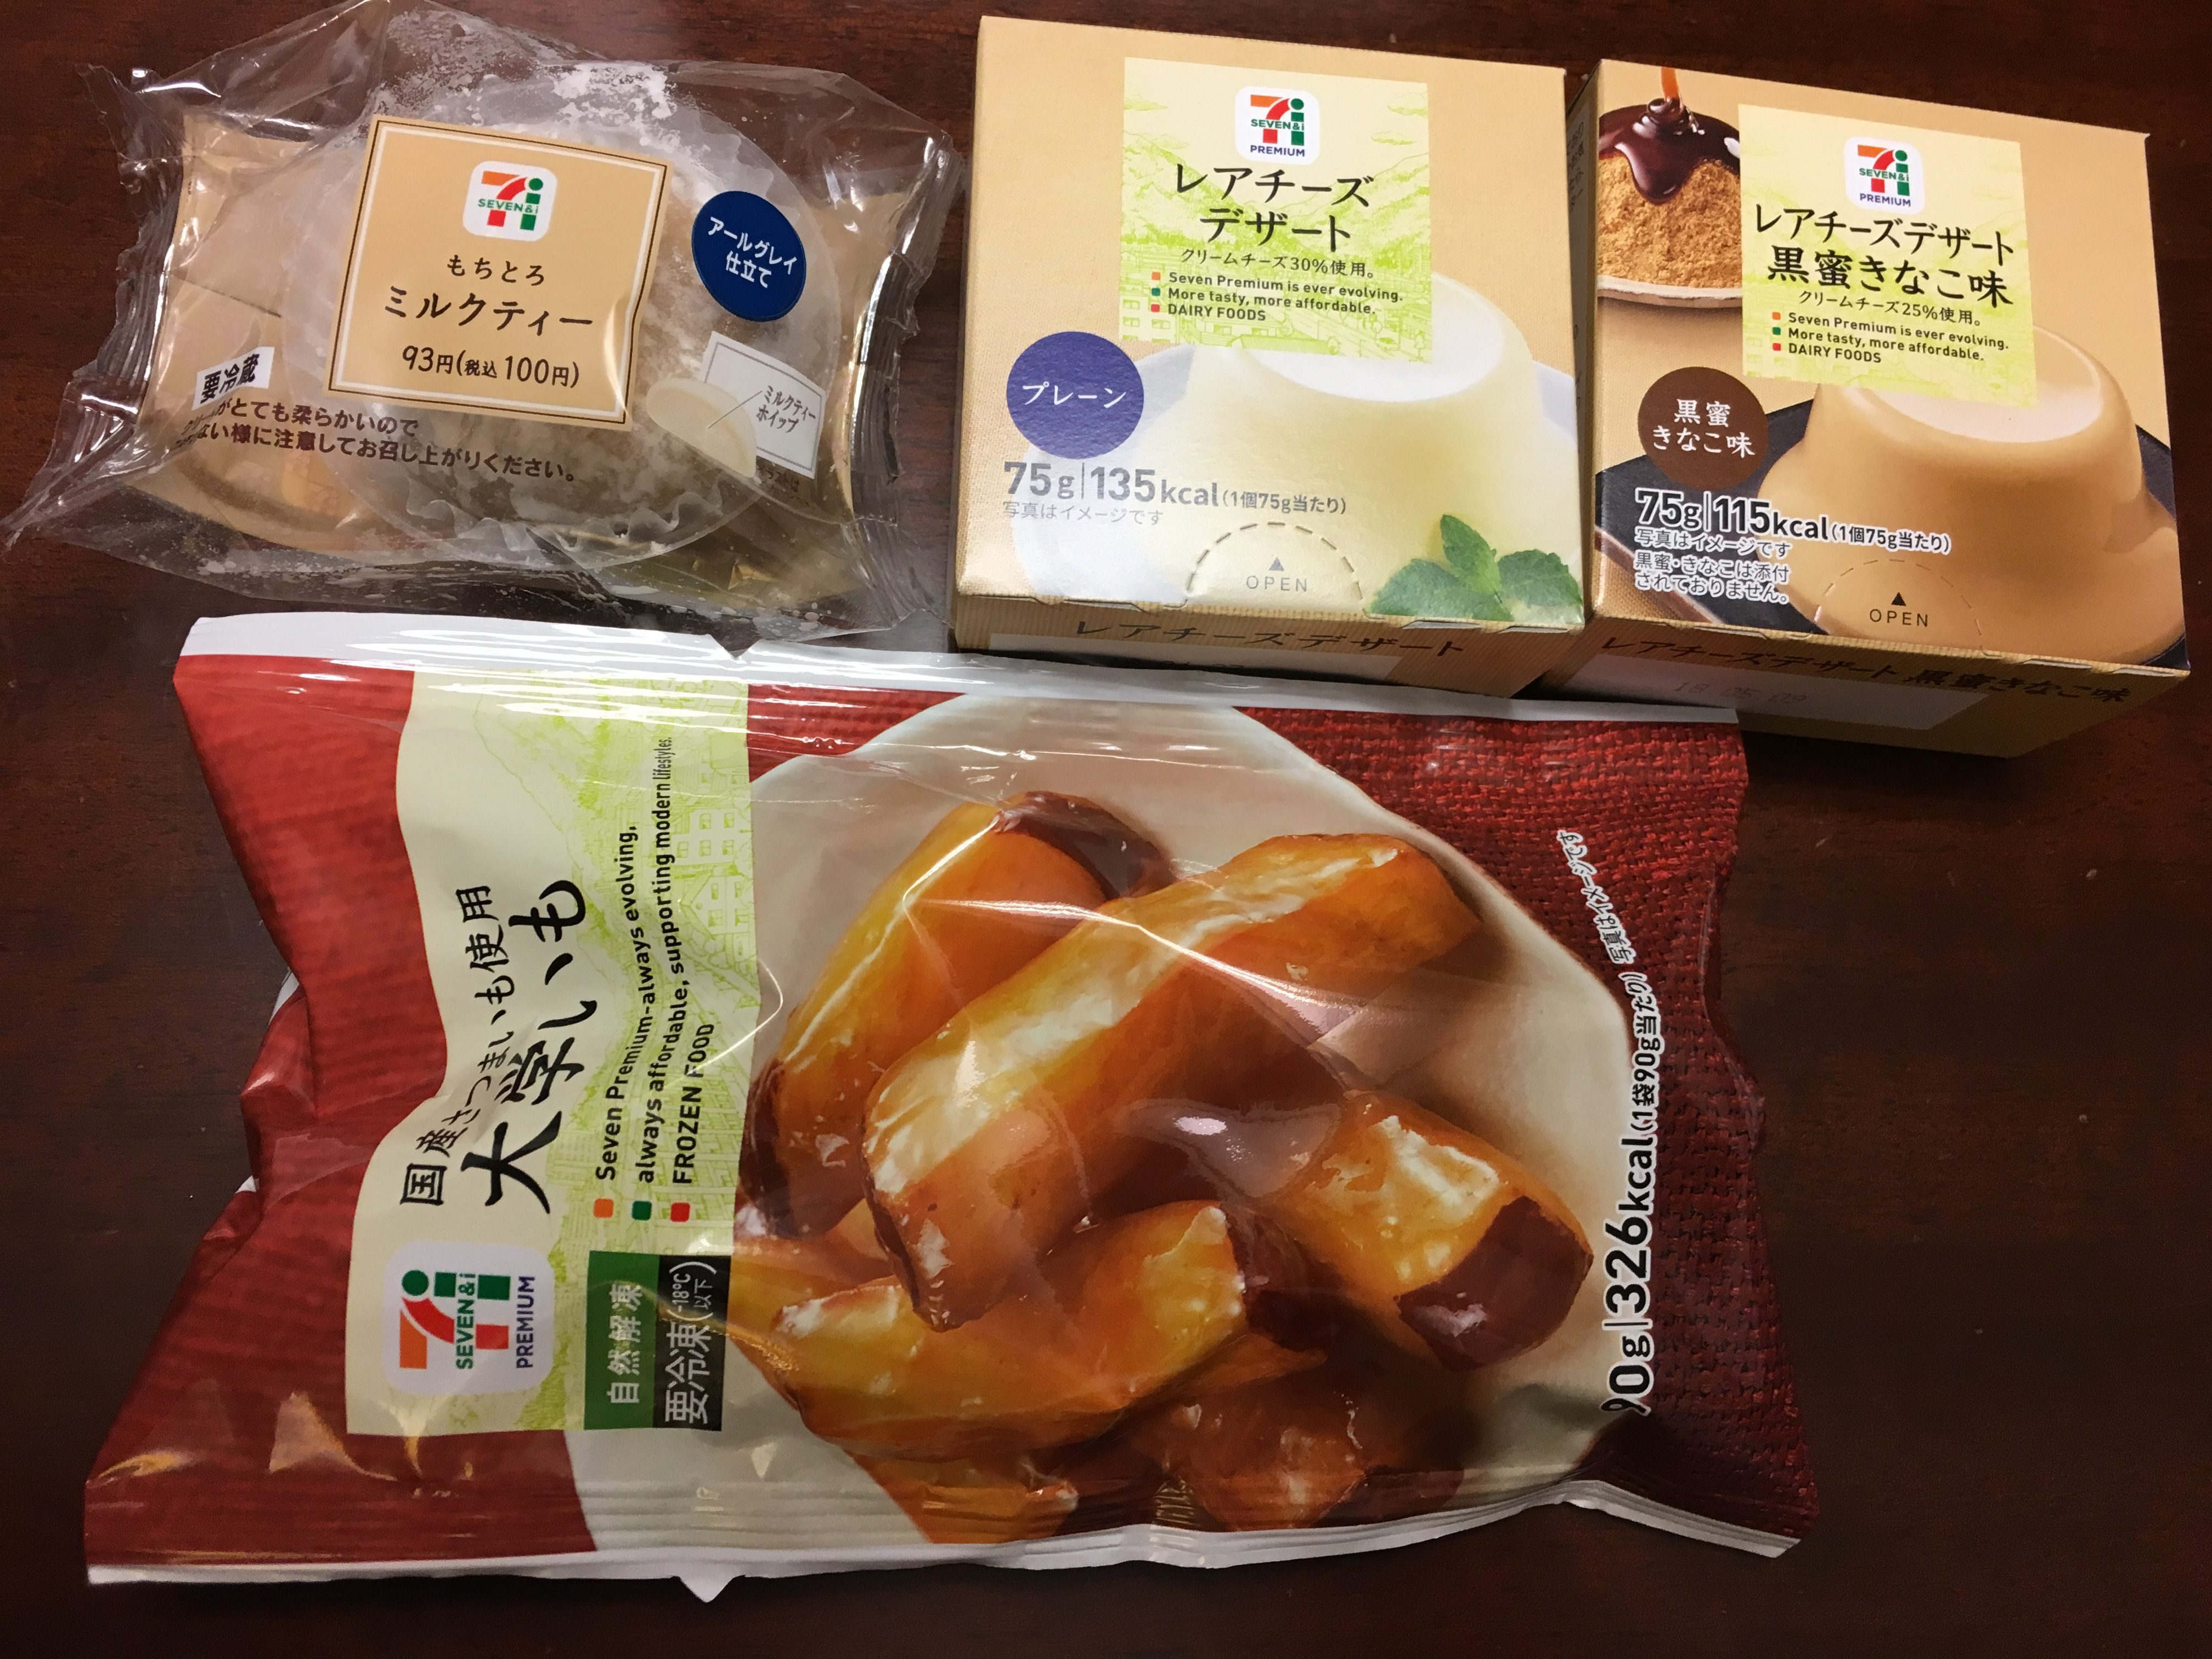 【セブン-イレブン】話題の美味しいスイーツ4種を食べ比べ!